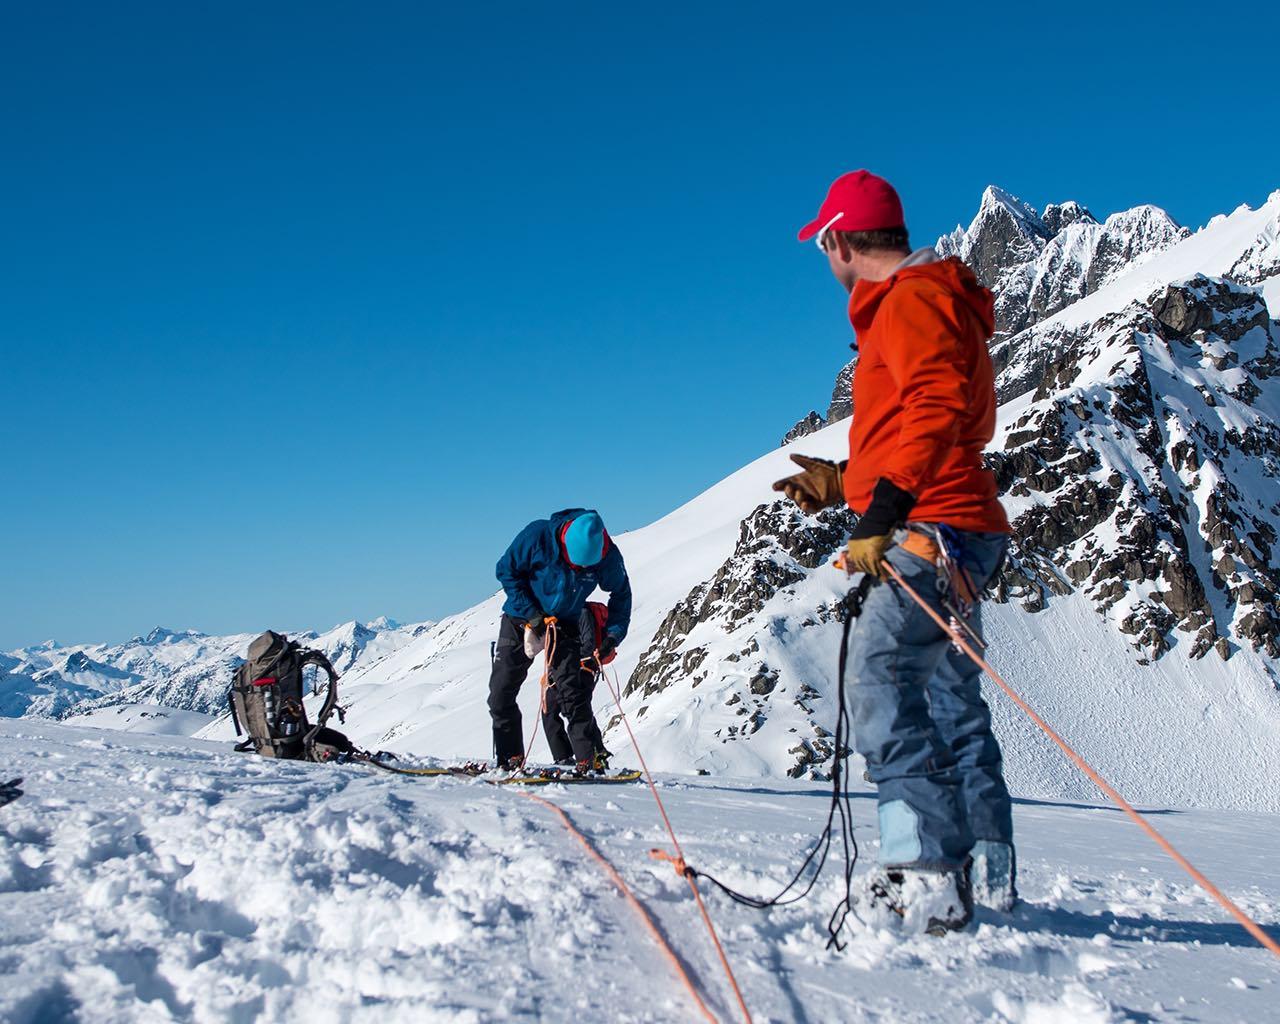 Private - Winter Crevasse Rescue & Glacier Travel